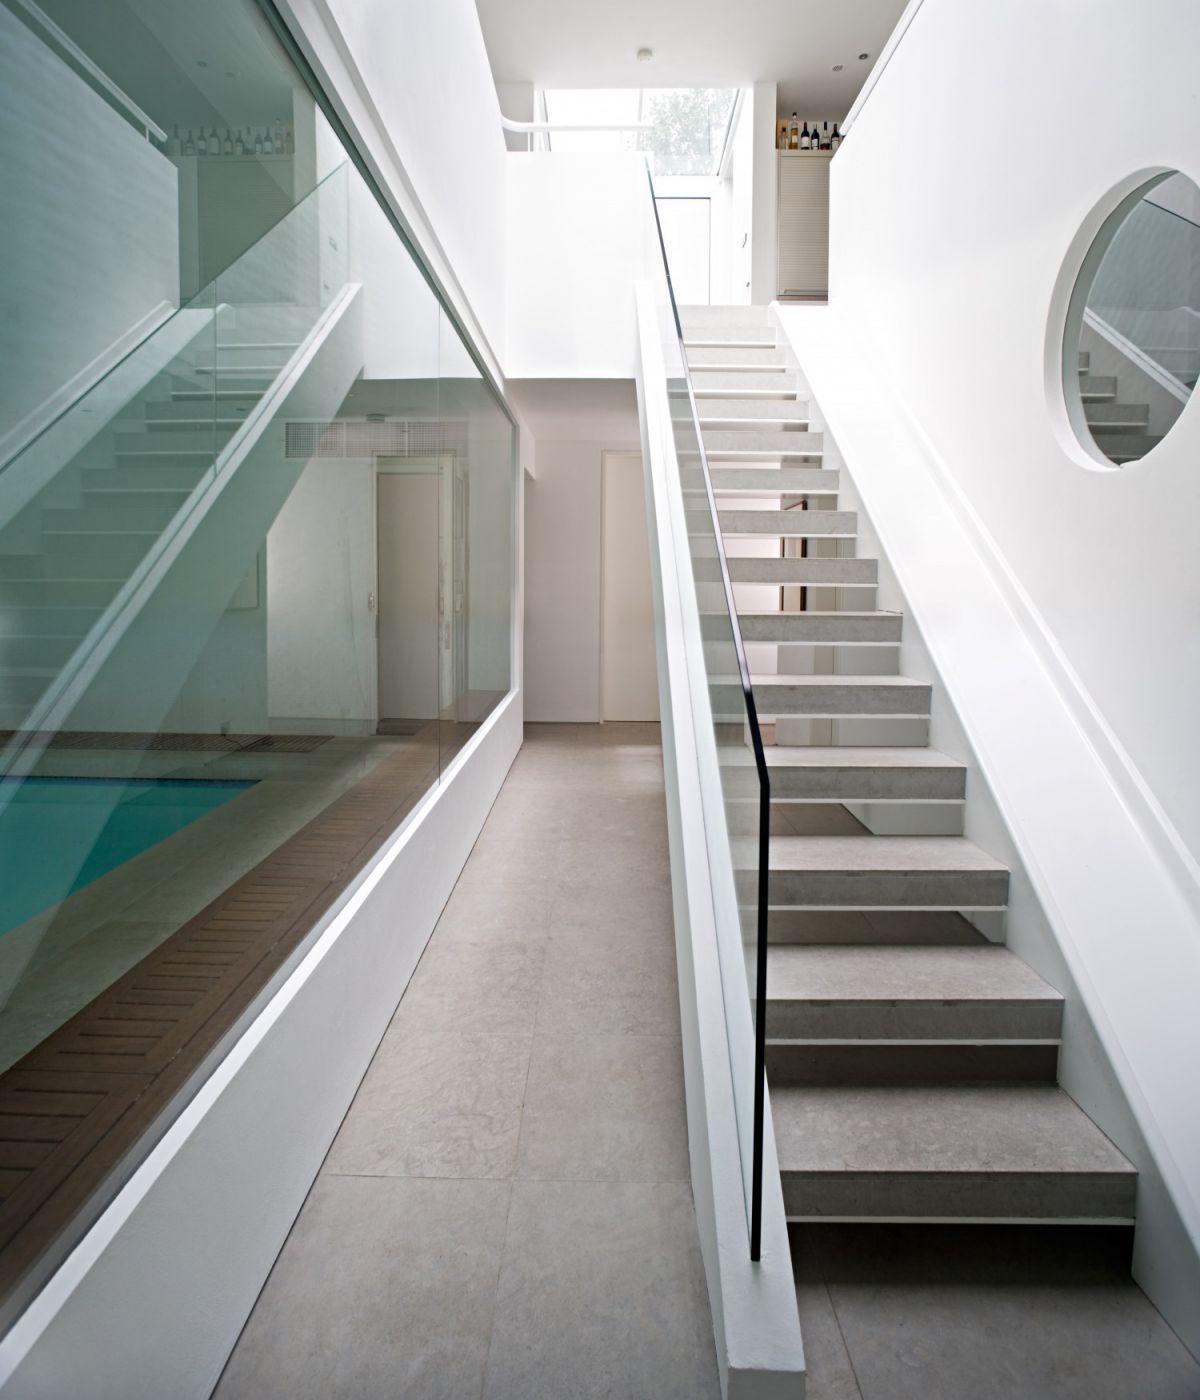 9 Houses With Slides Inside Indoor Slides House Slide Oxford